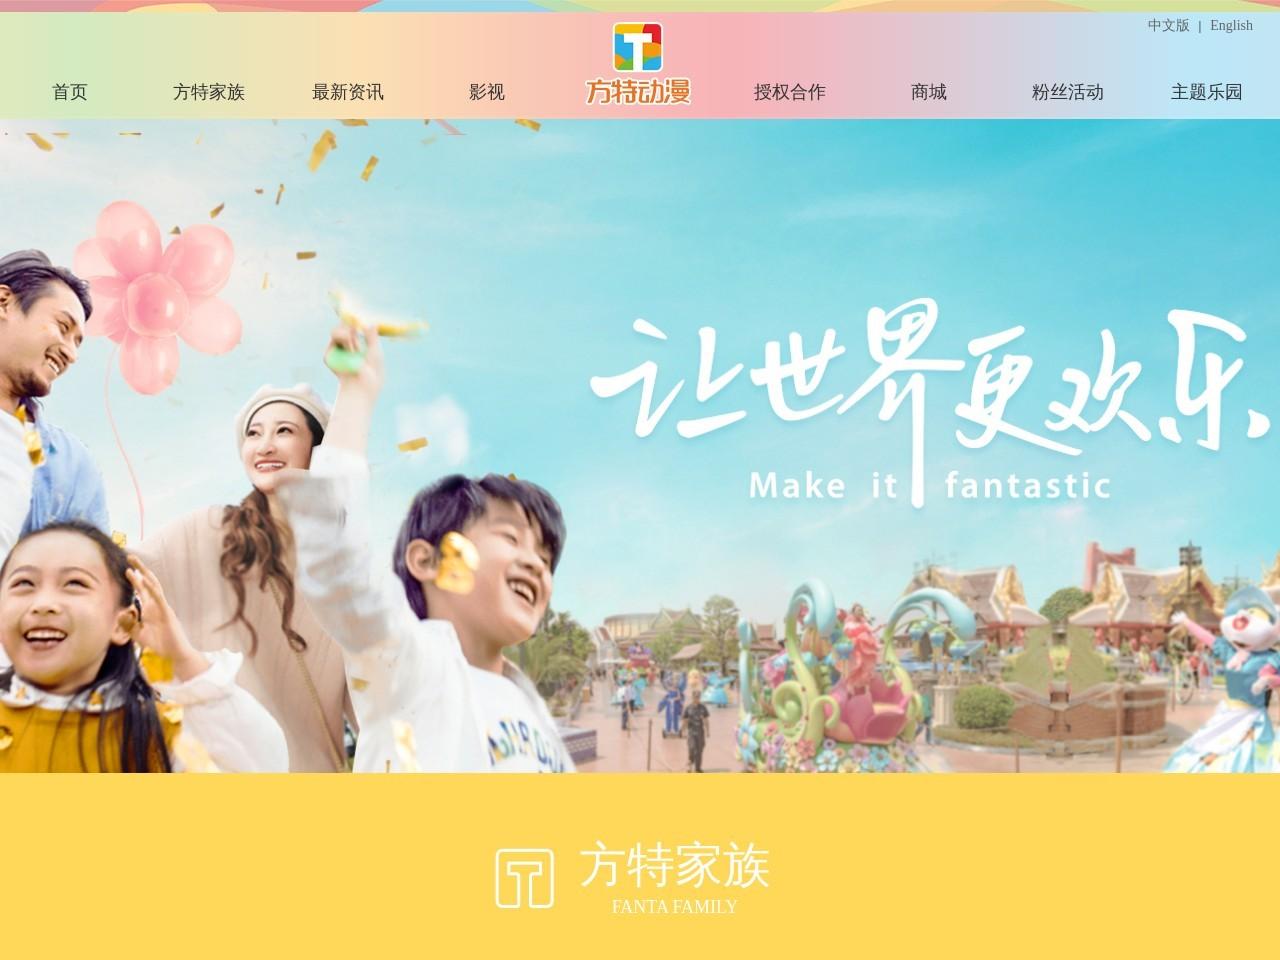 方特动漫官方网站